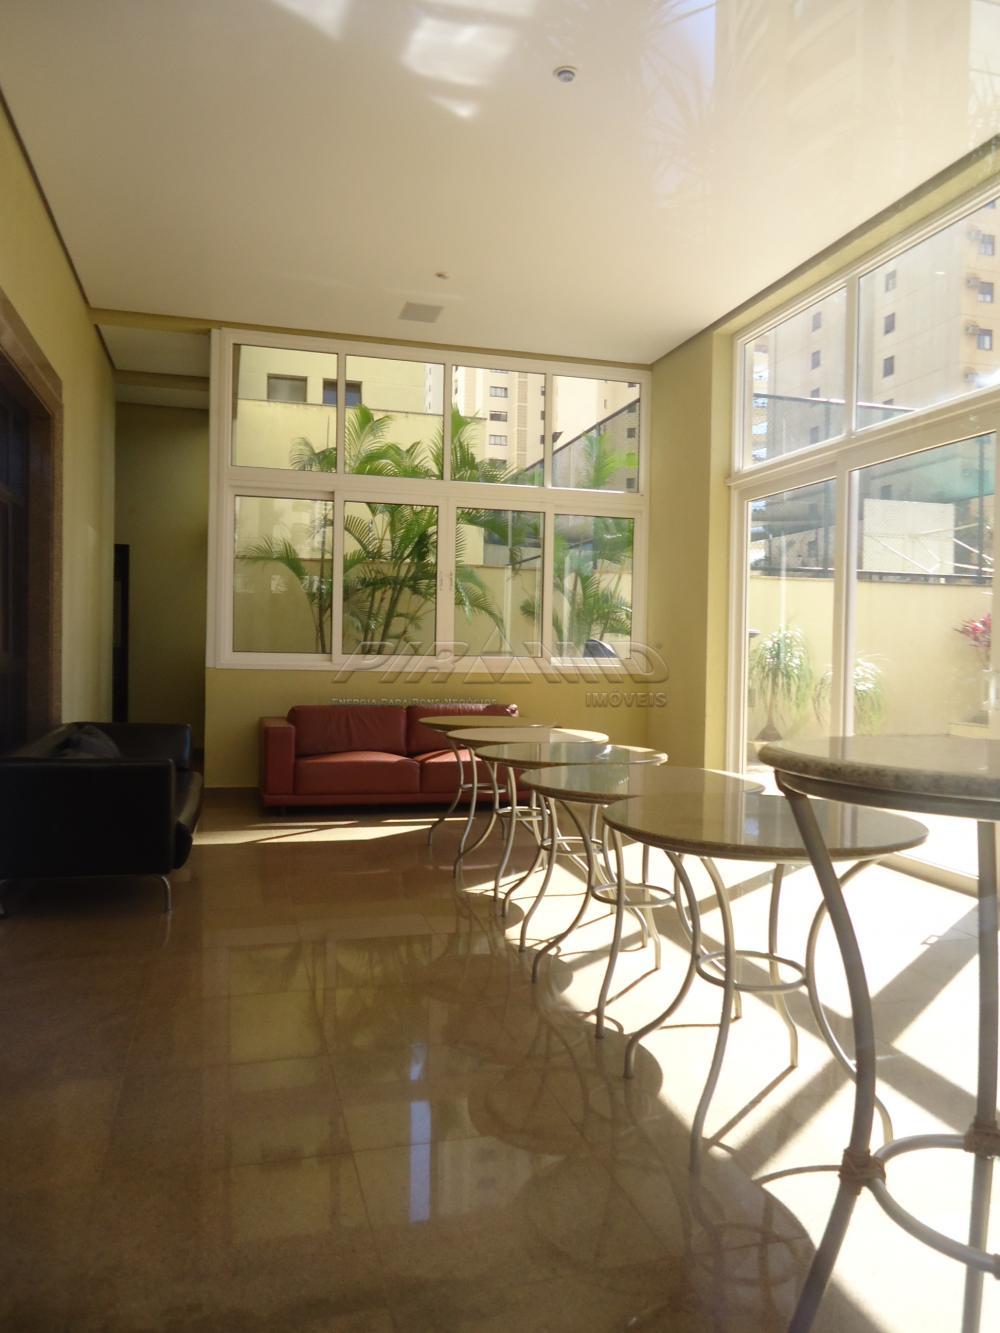 Alugar Apartamento / Padrão em Ribeirão Preto R$ 4.500,00 - Foto 44